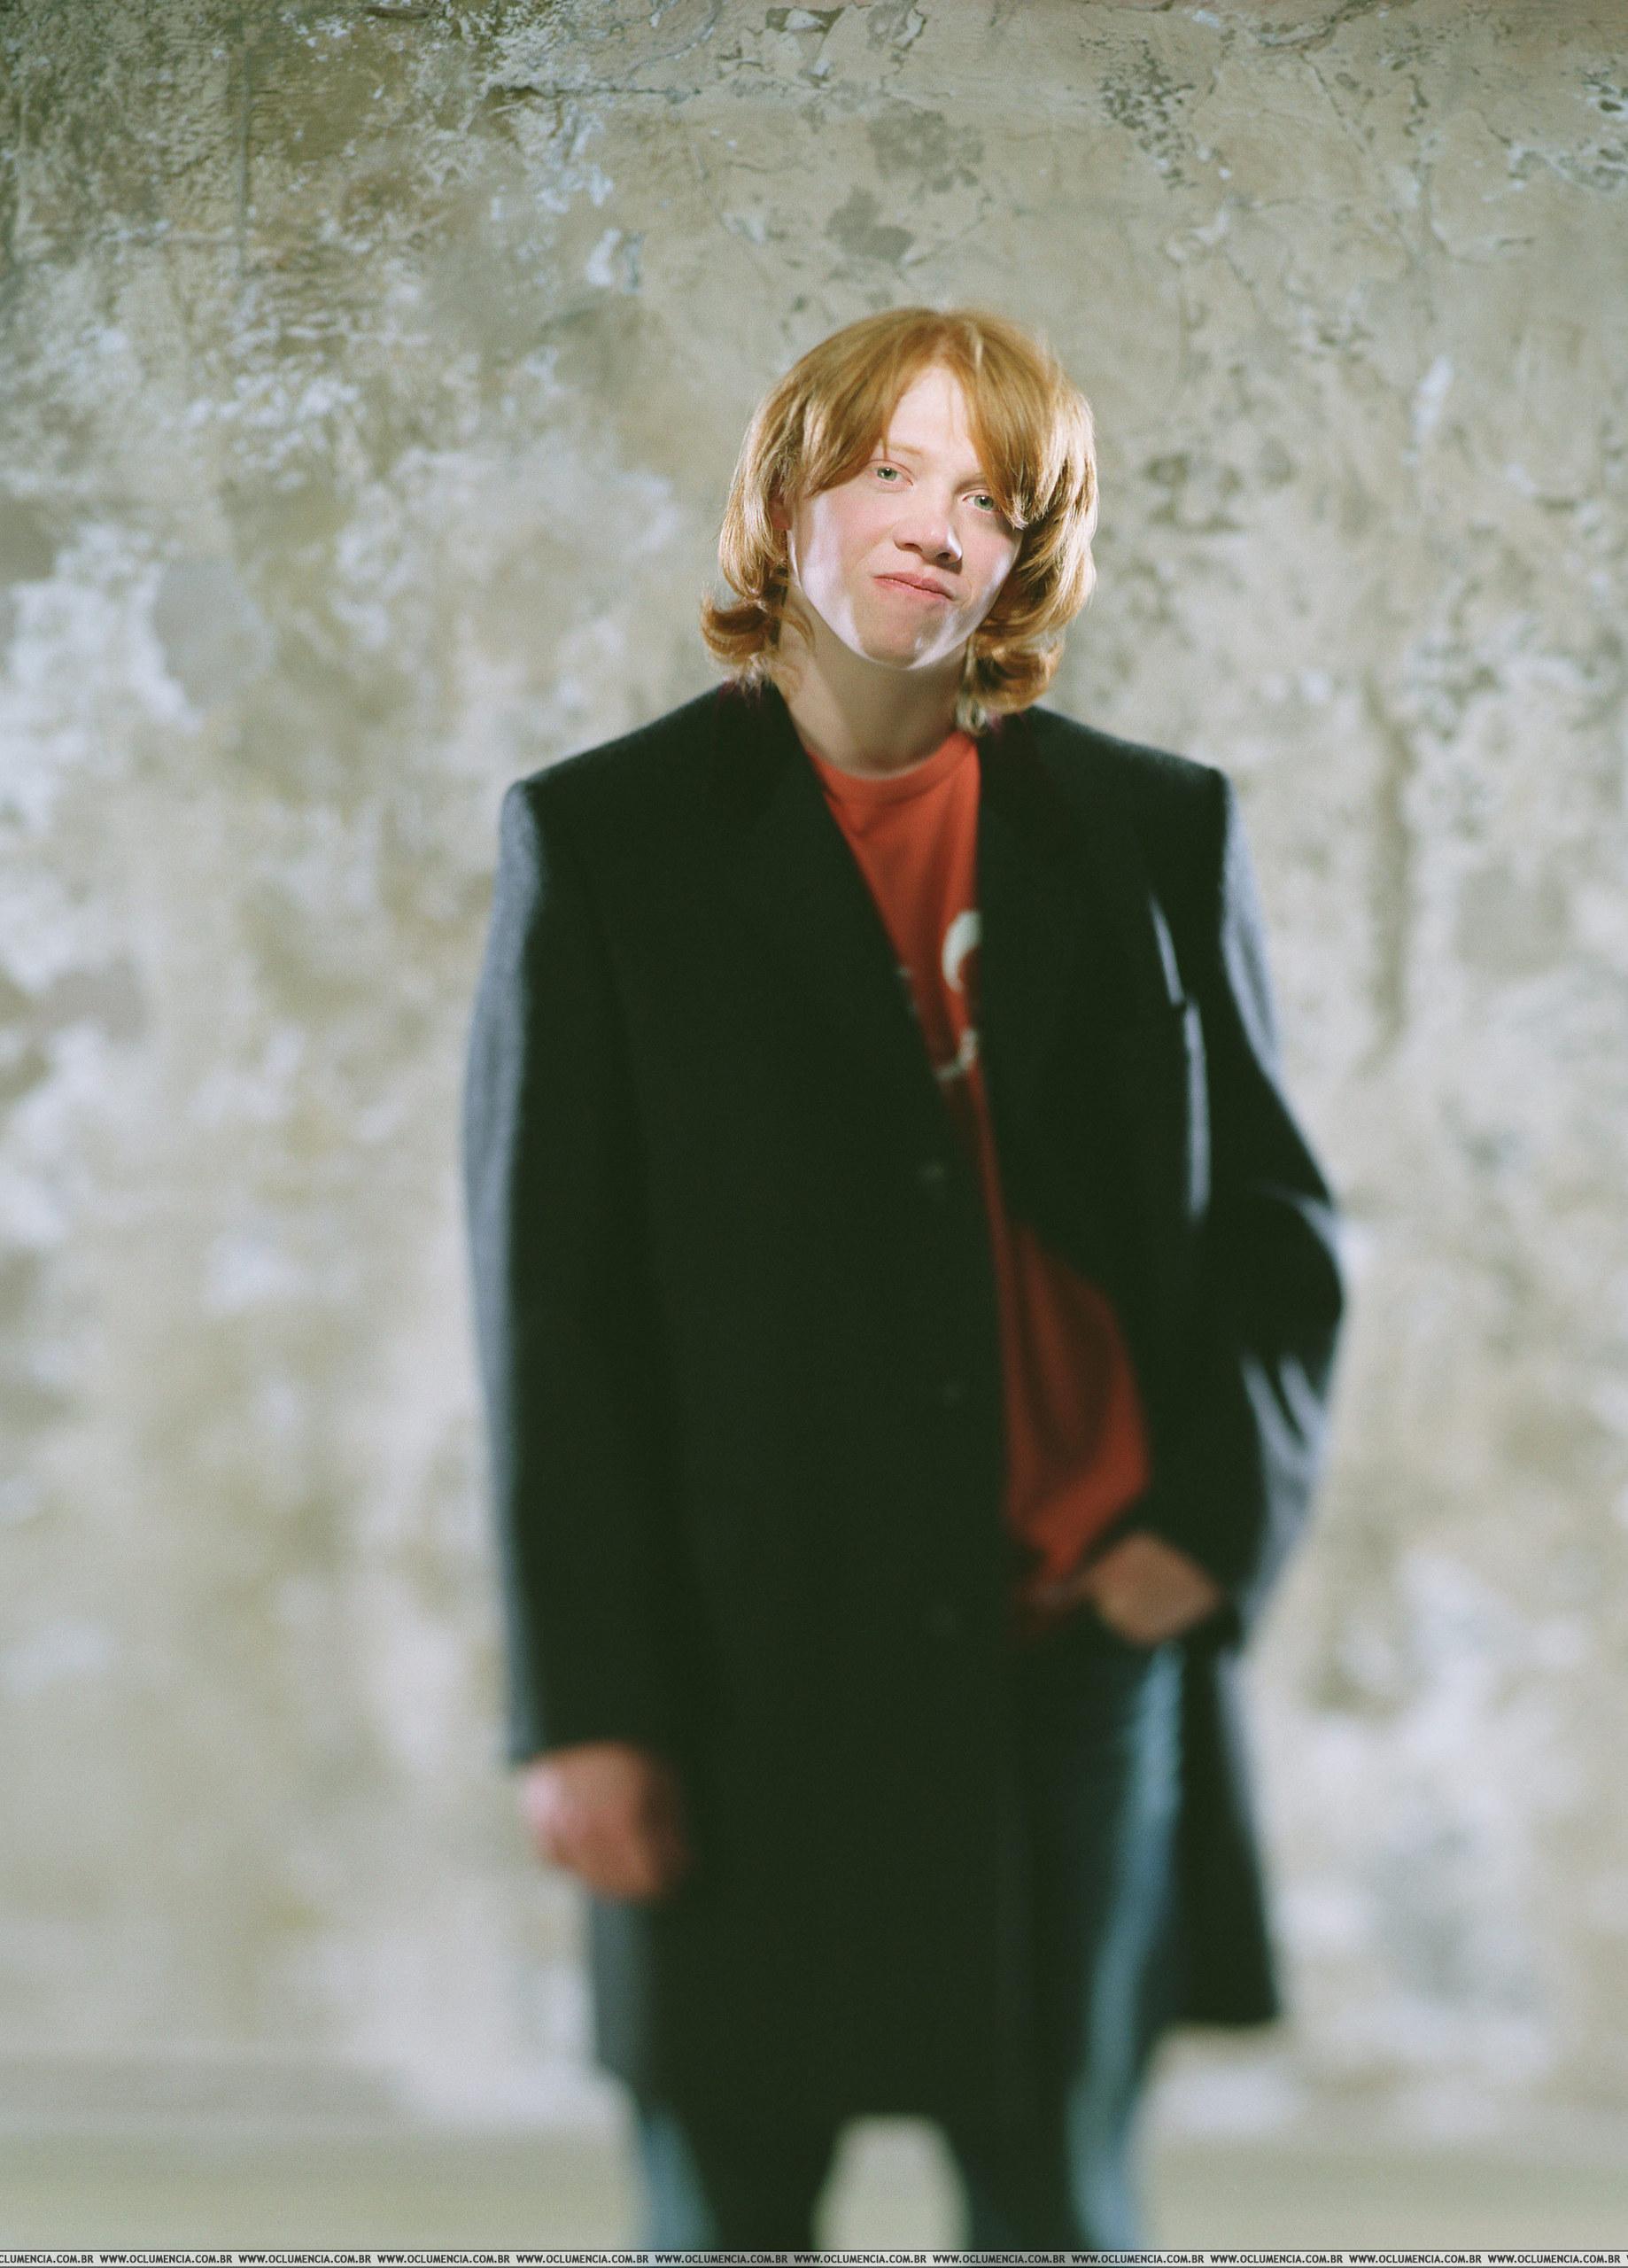 photoshoot 2004 - Rupert Grint Photo (11936574) - Fanpop